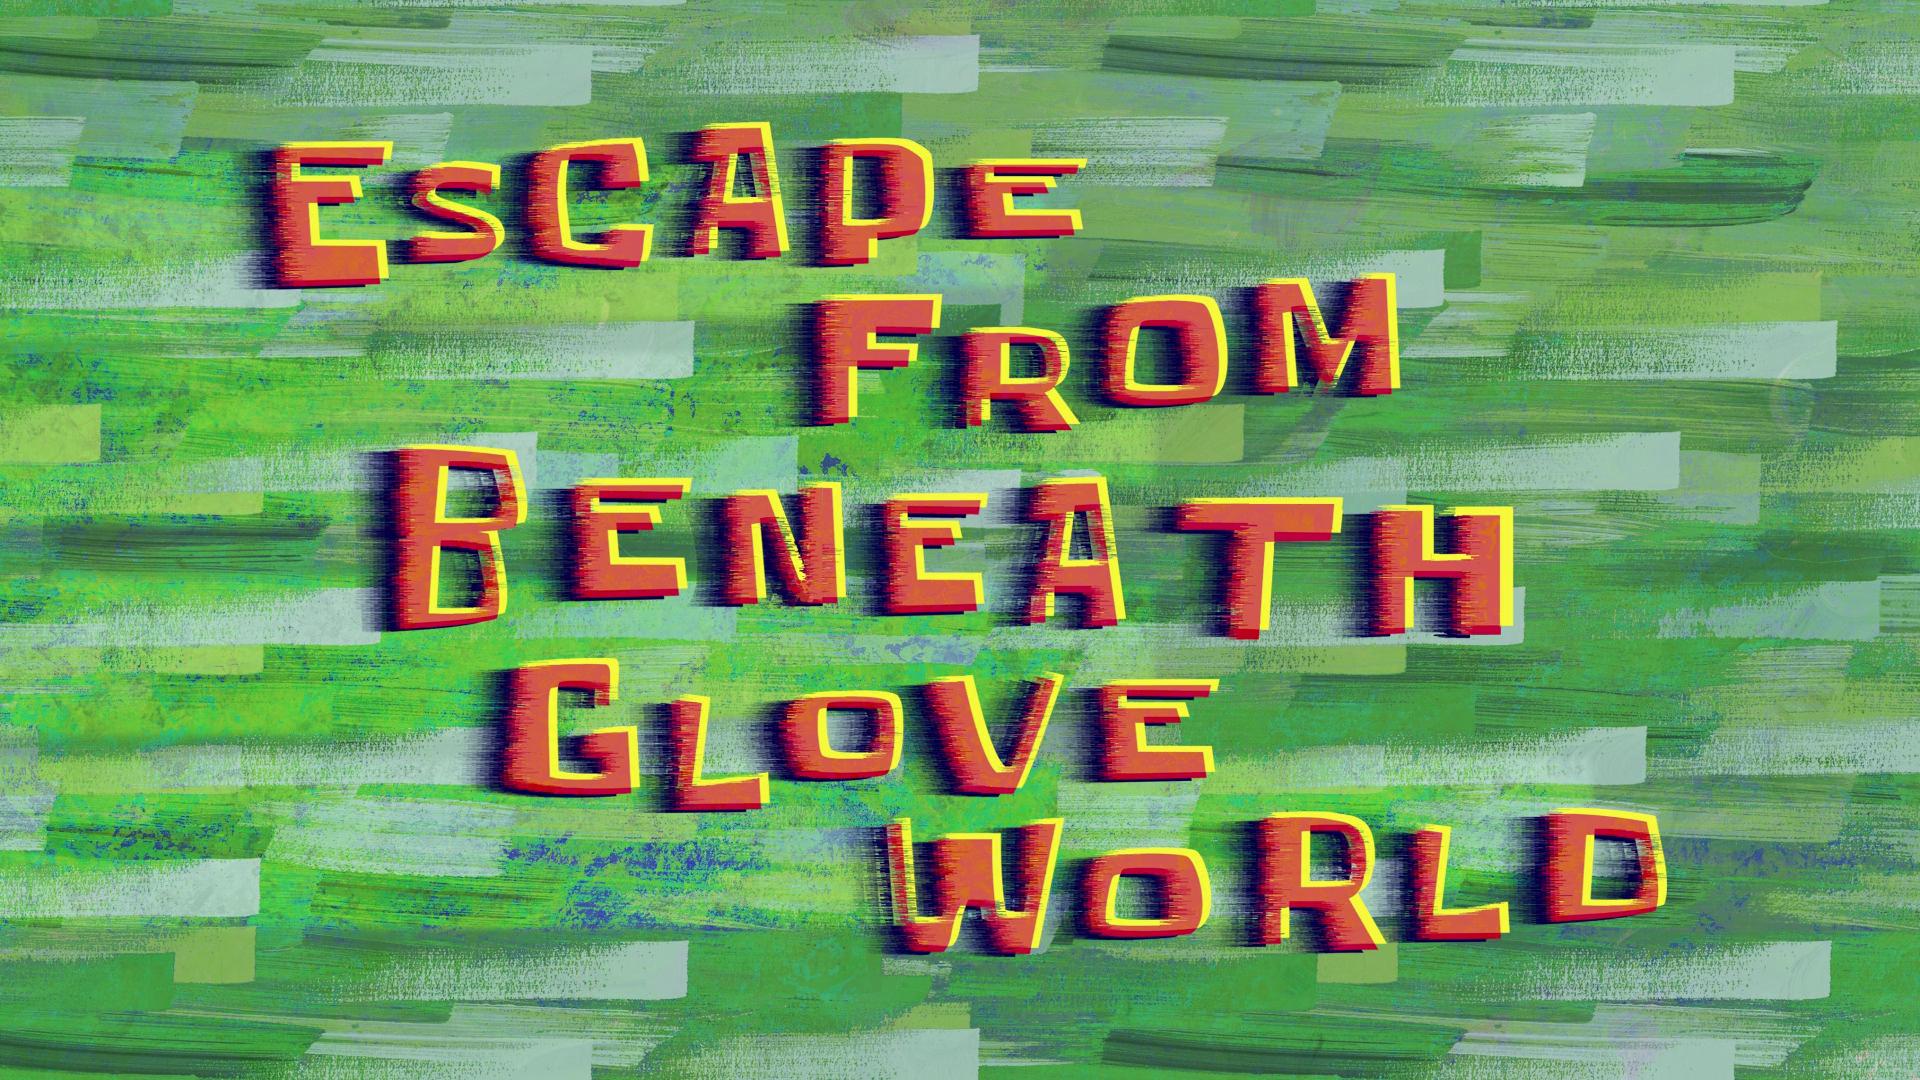 Escape from Beneath Glove World/transcript